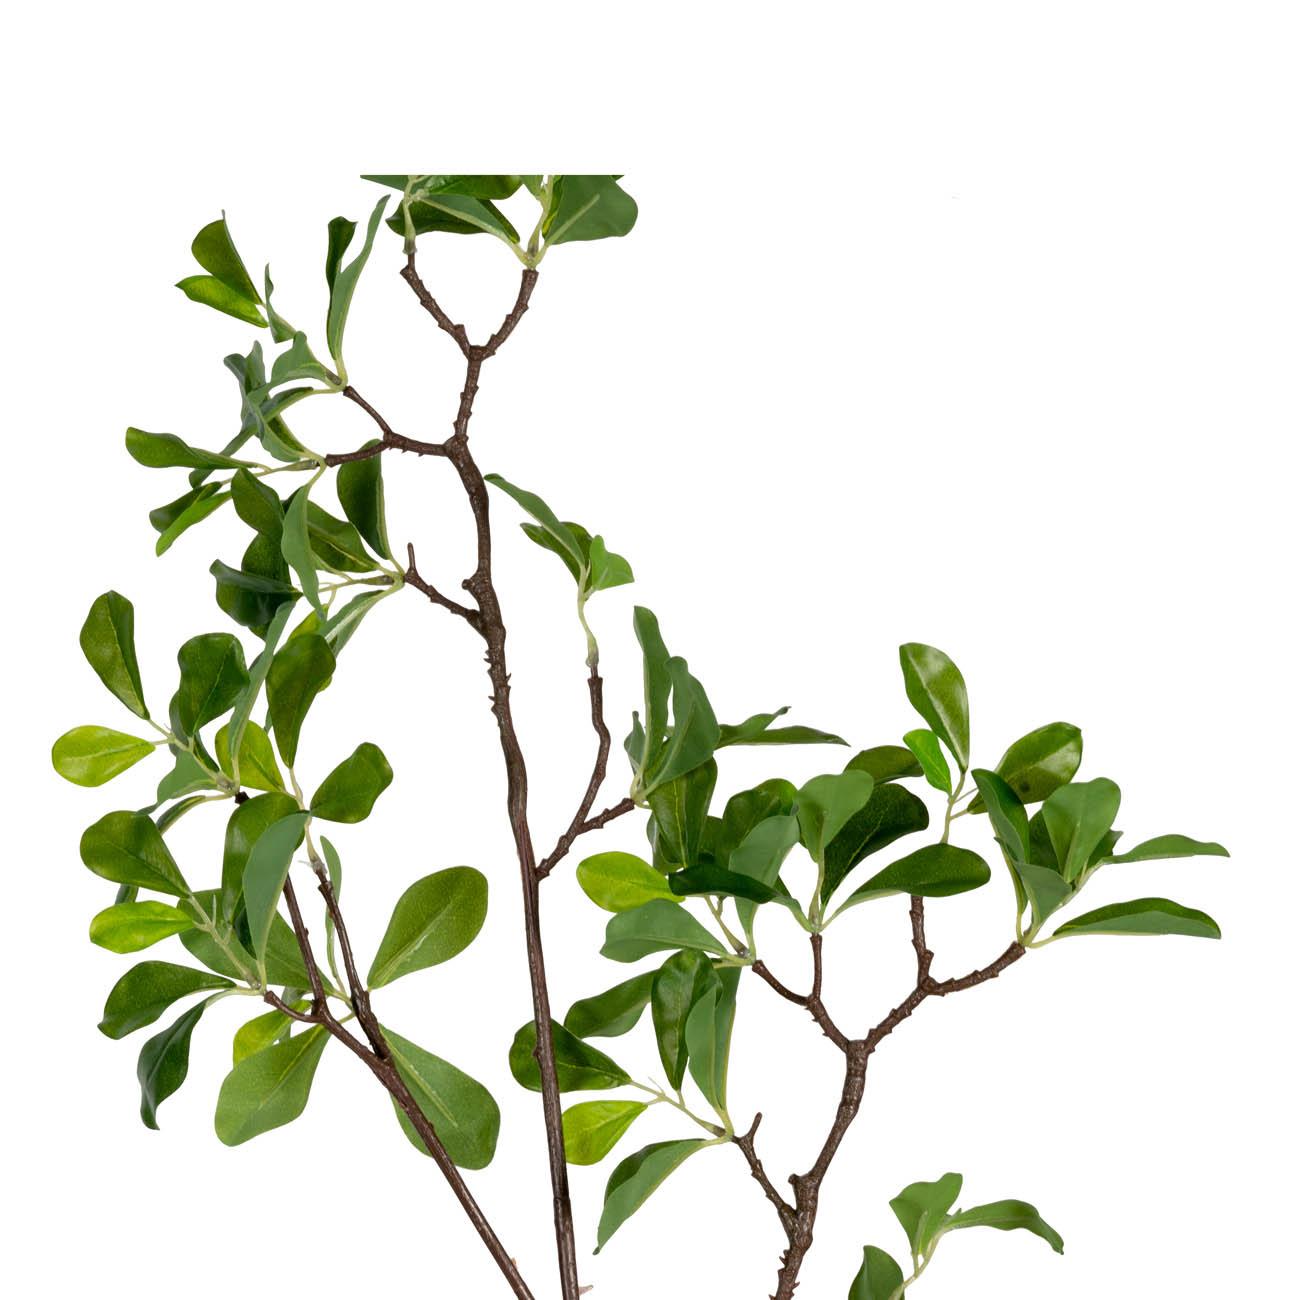 ענף ירוק